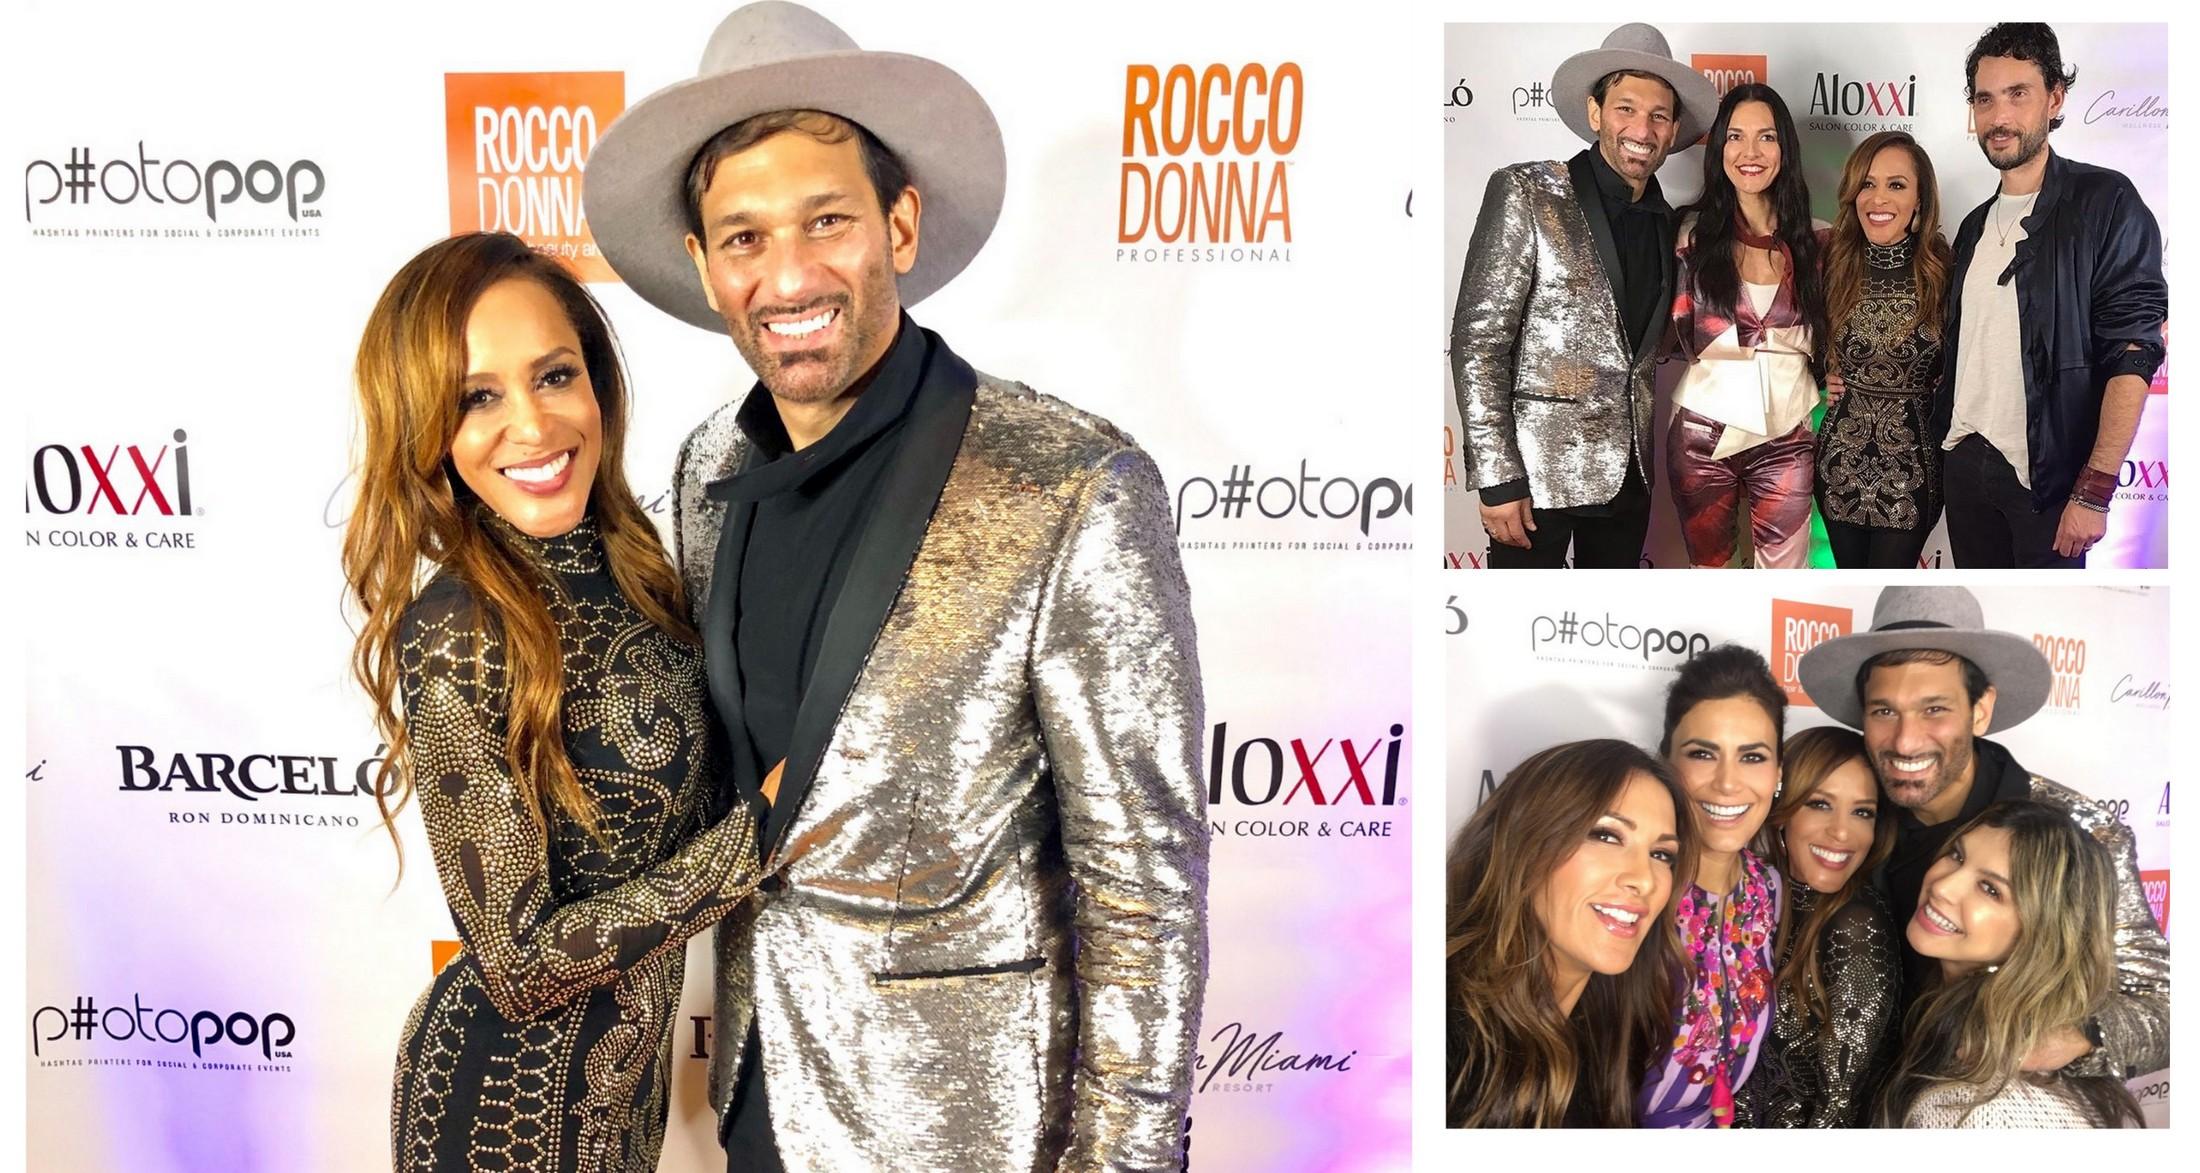 Leonardo Rocco Celebrates 15th Anniversary with New Salon